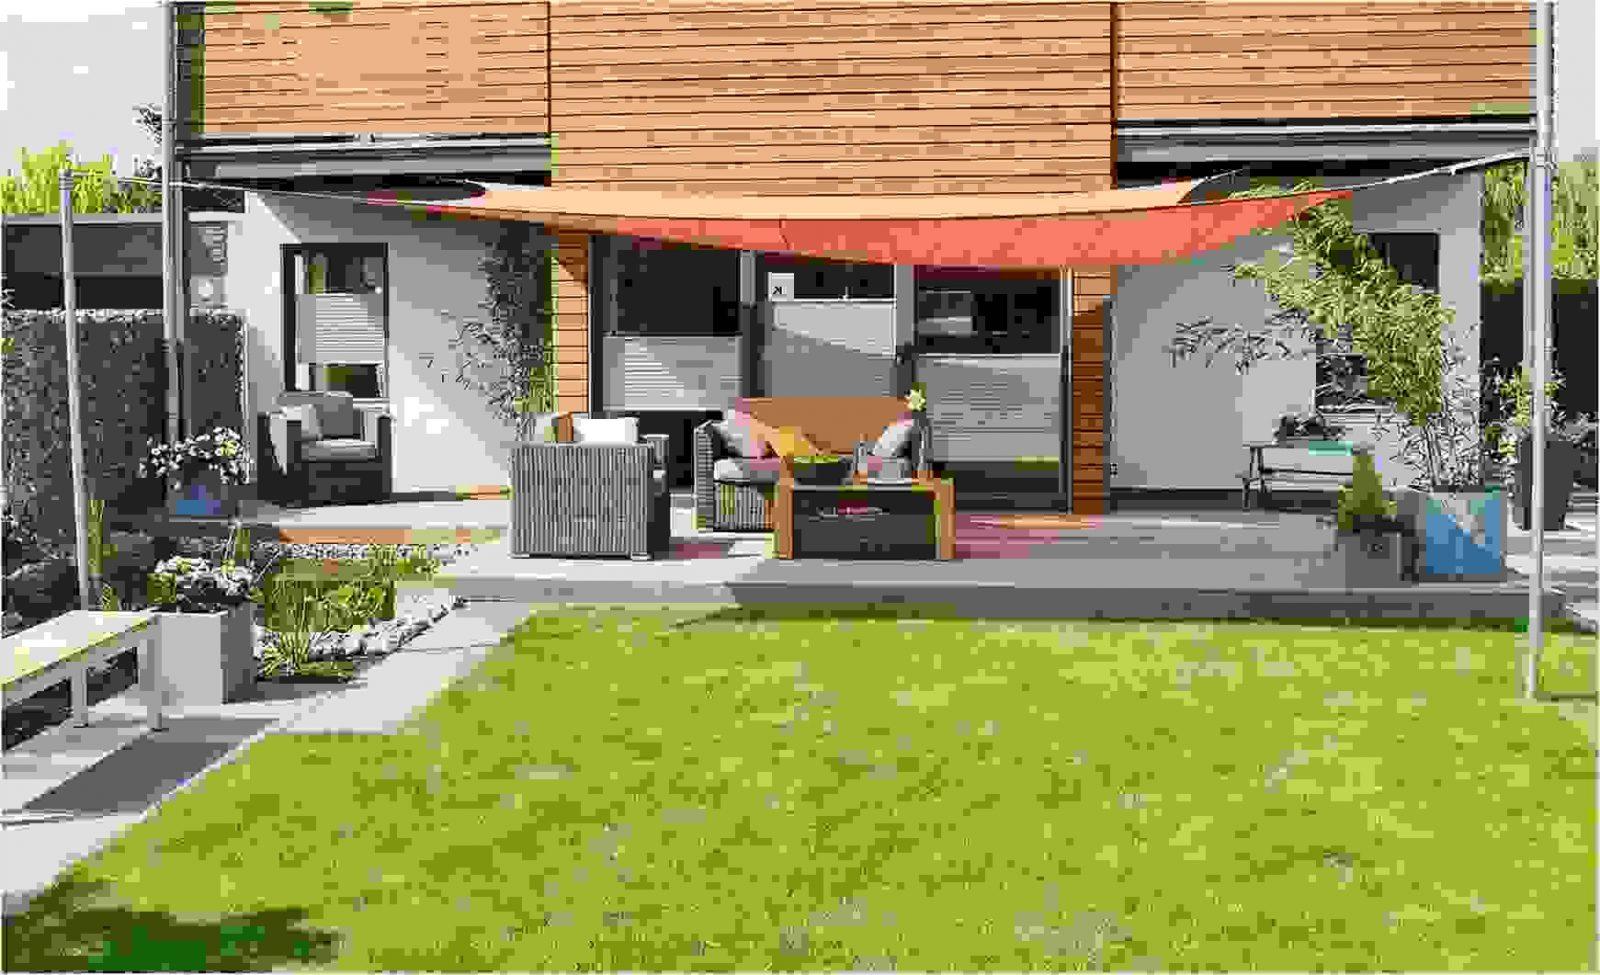 Neu Überdachung Terrasse Selber Bauen Schön Home Ideen Ist Das Beste von Überdachung Holz Selber Bauen Photo